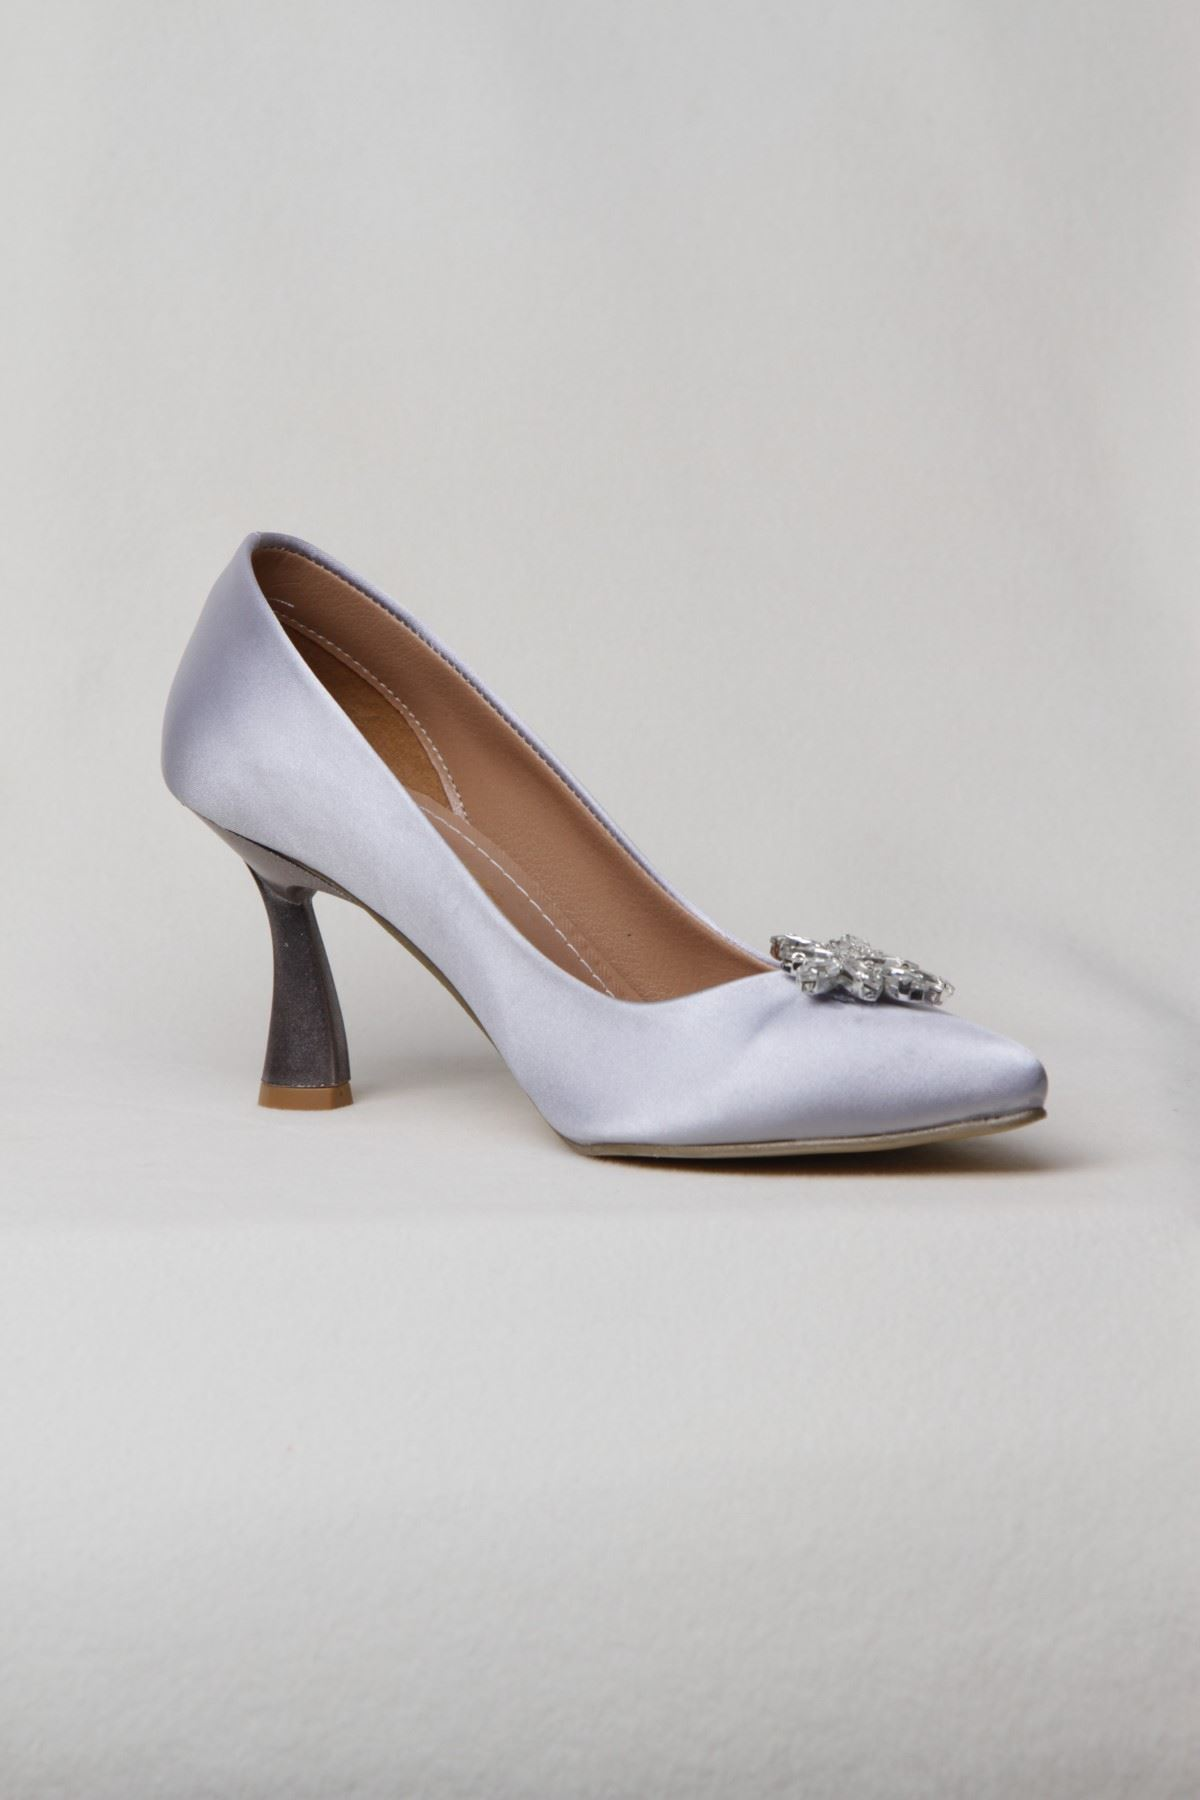 Kadın Yaprak Taşlı Yüksek Topuklu  Abiye Ayakkabı - Gümüş